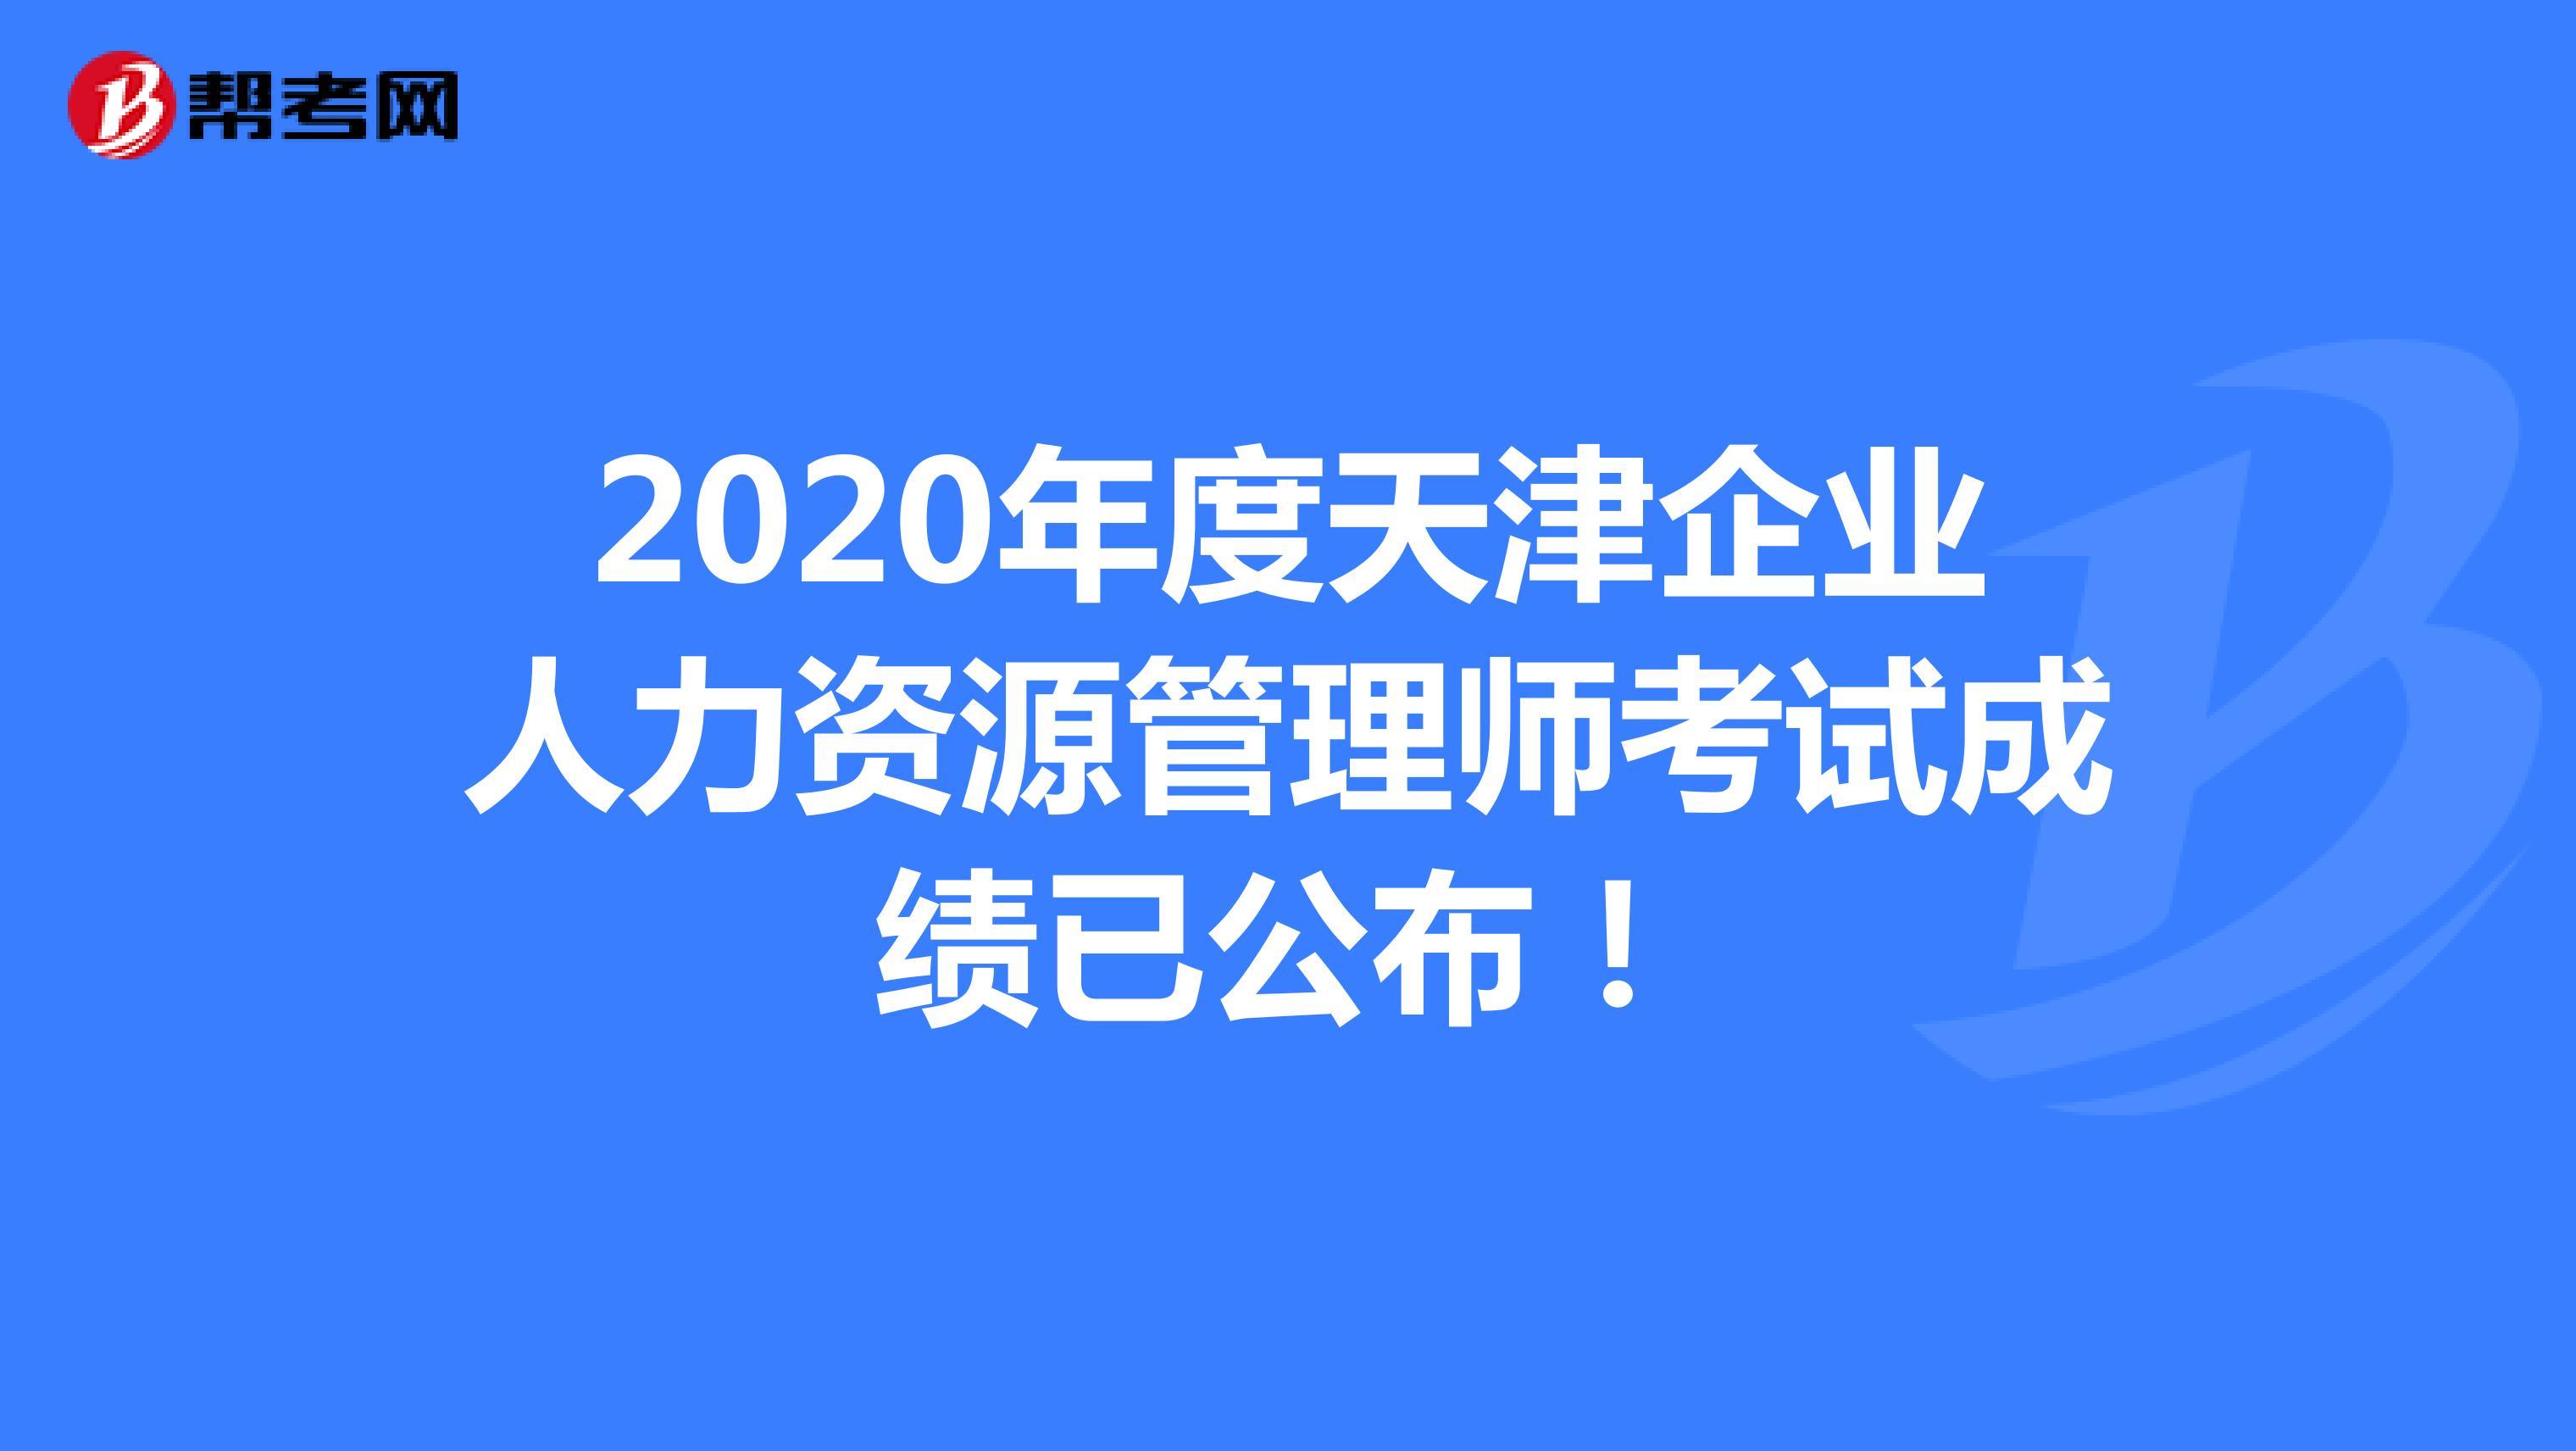 2020年度天津企業人力資源管理師考試成績已公布!